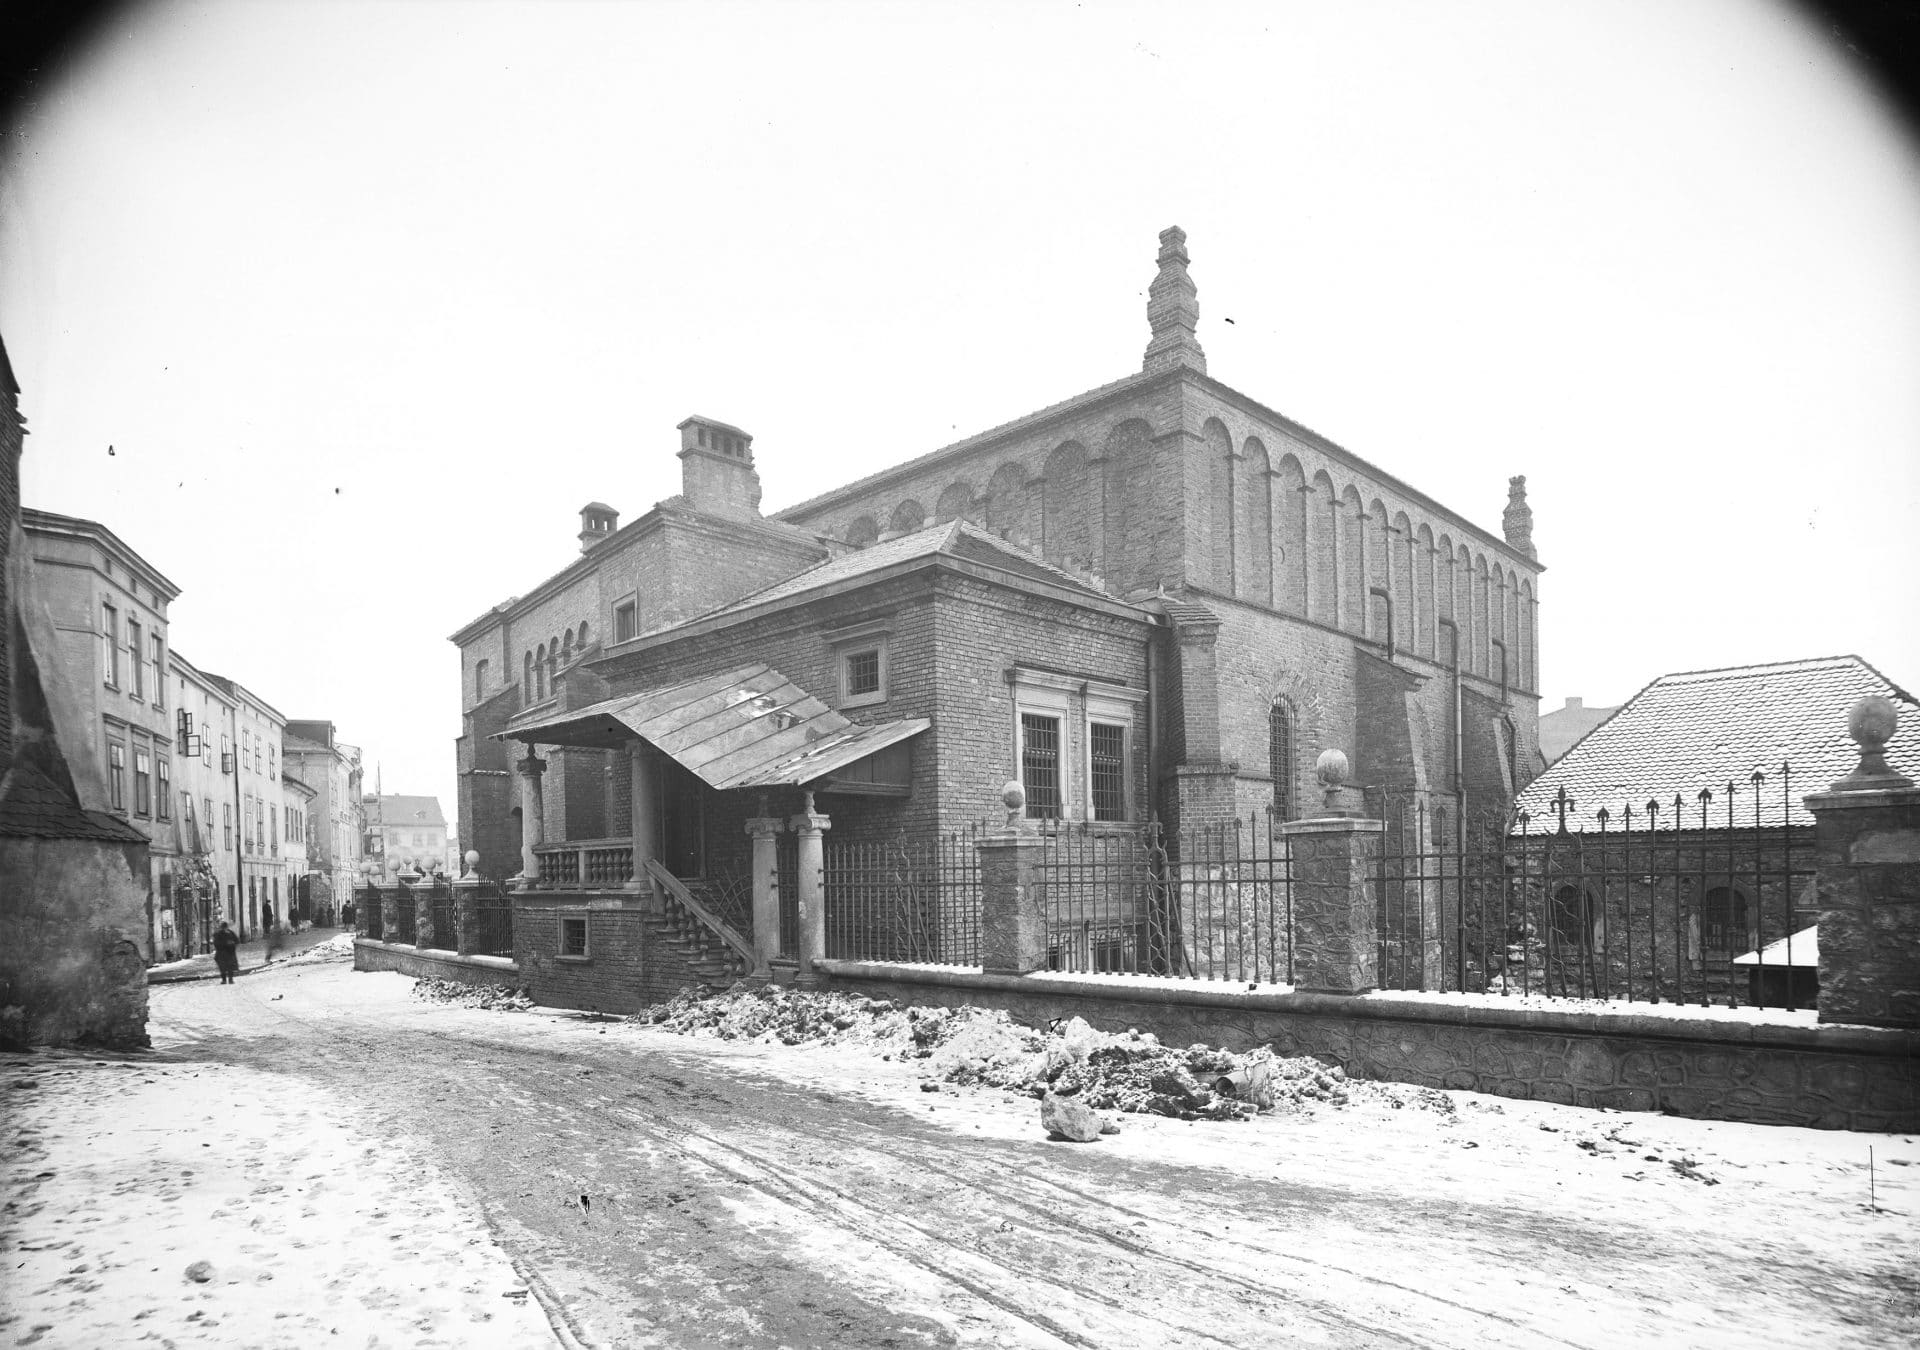 Stara Synagoga w Krakowie w 1929 roku. Żydowski Kraków.